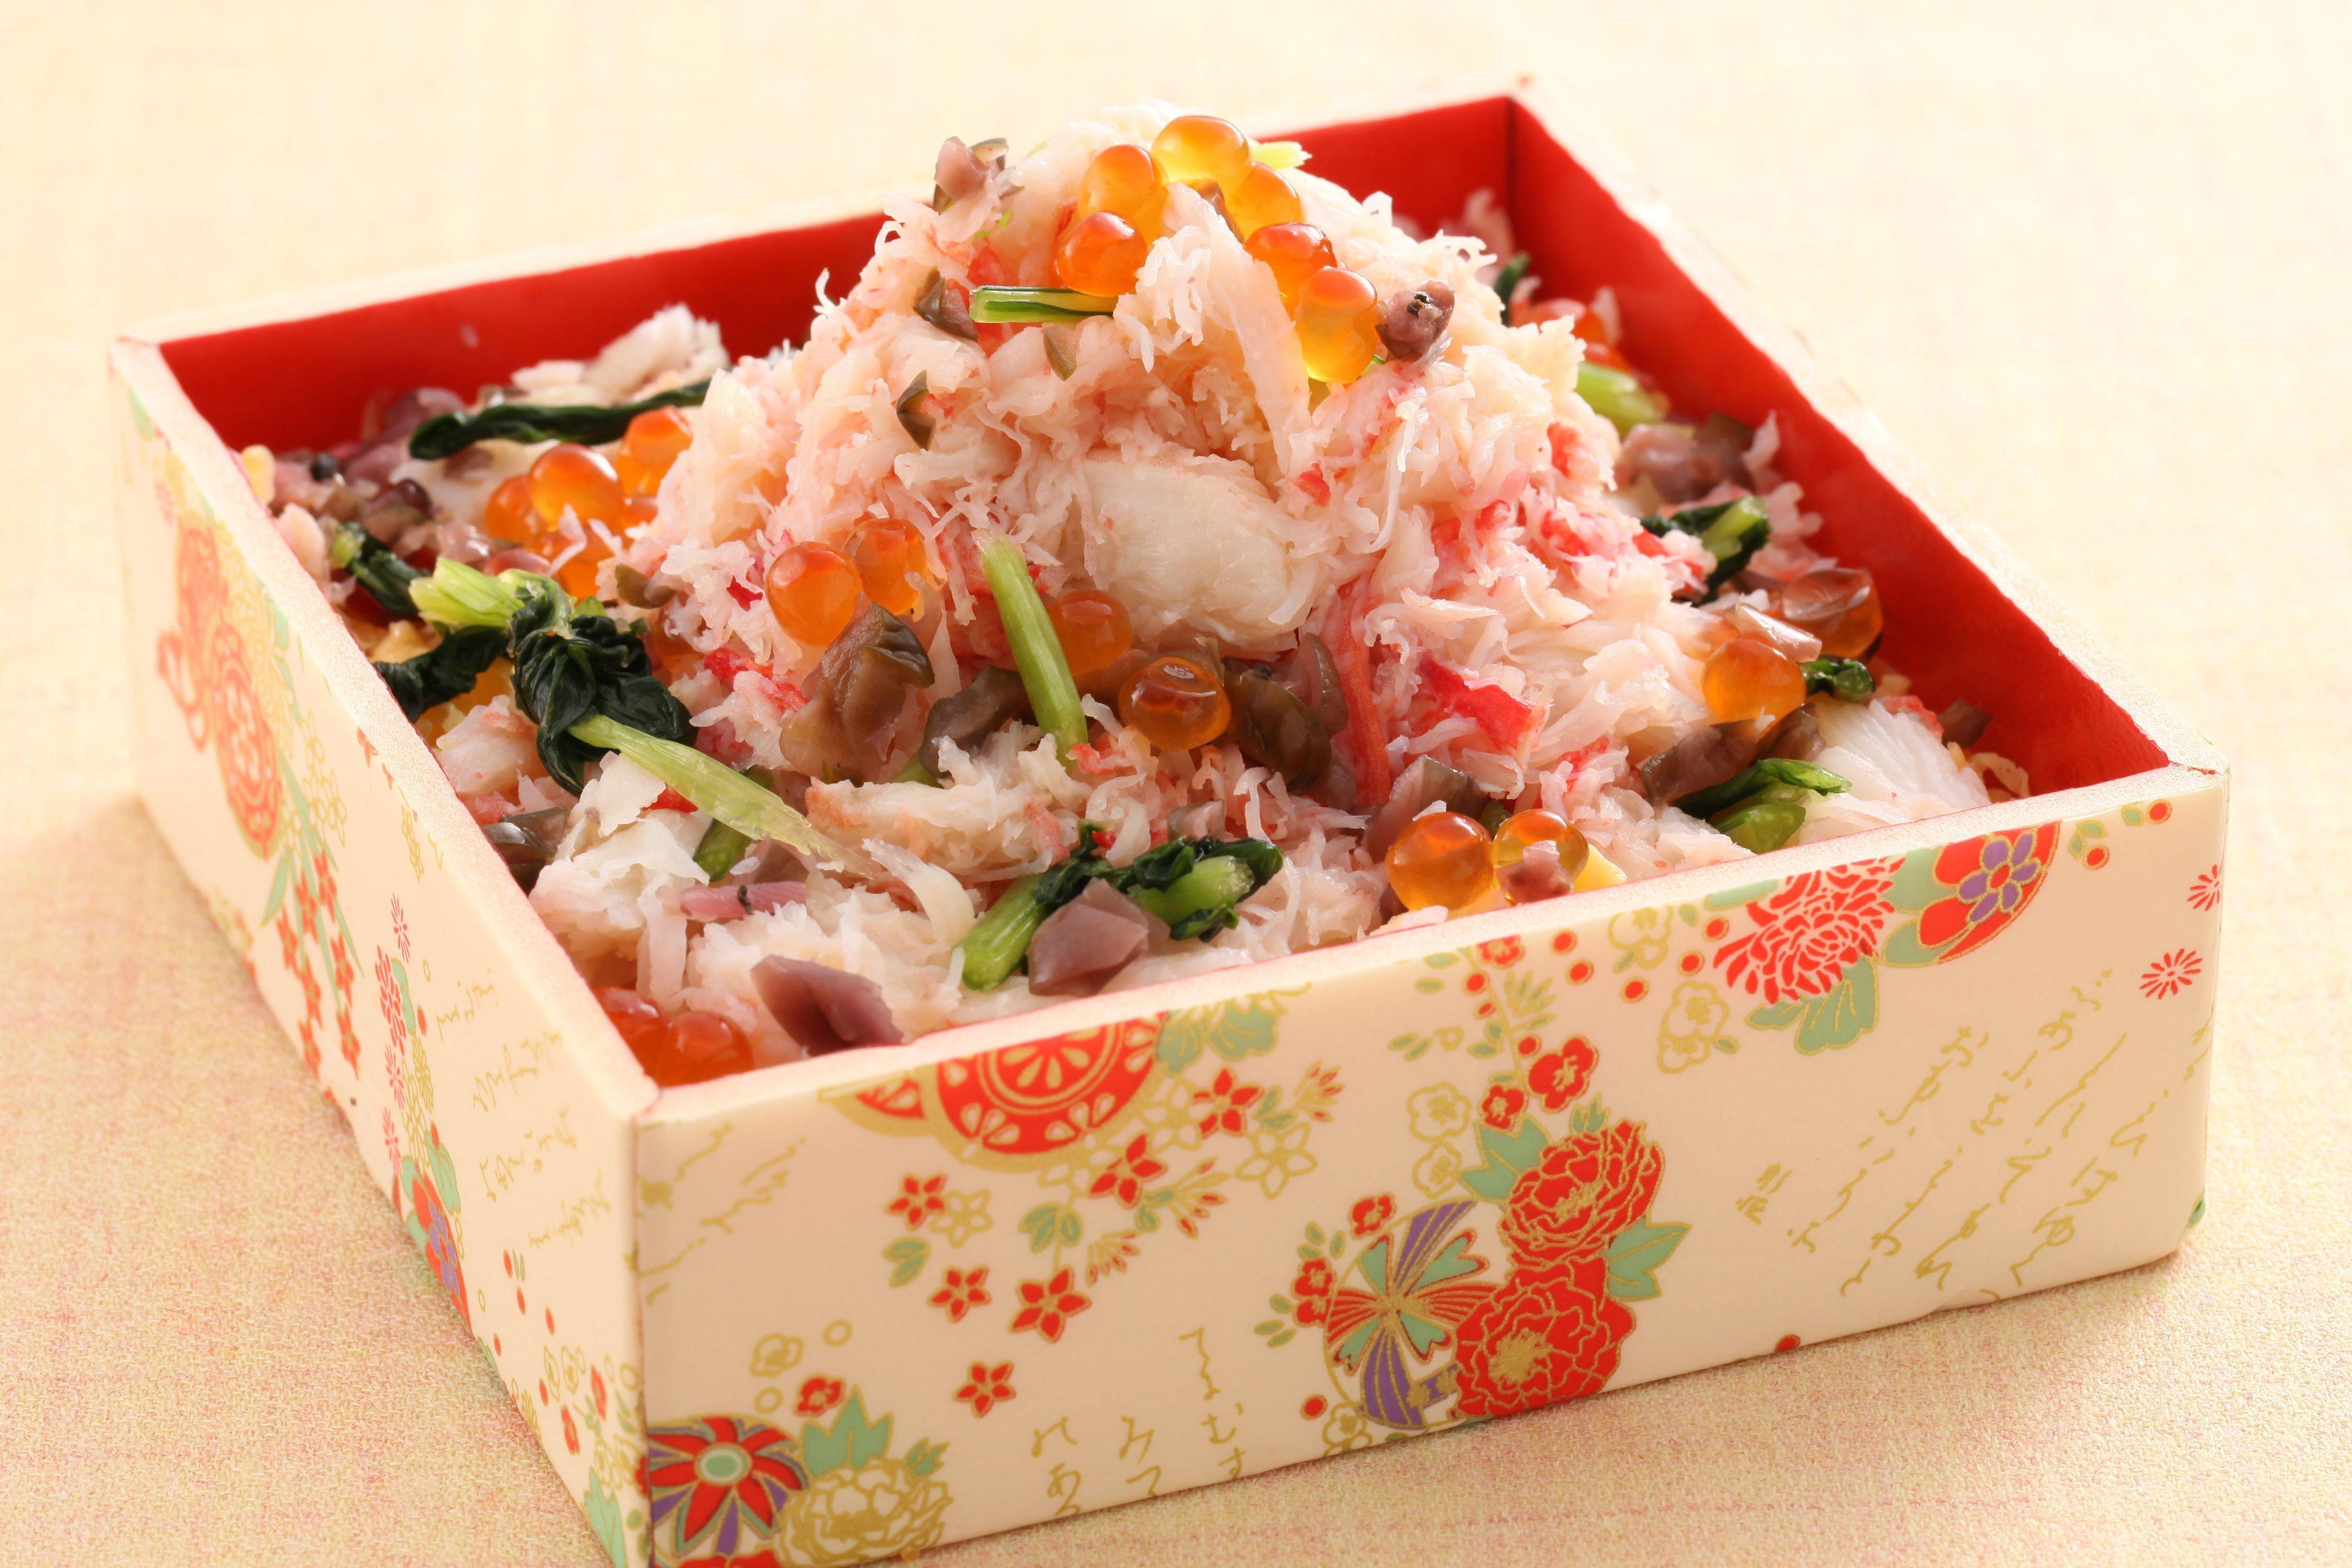 廻転寿司 CHOJIRO京都(京都府) 蟹と京漬物のばら寿司